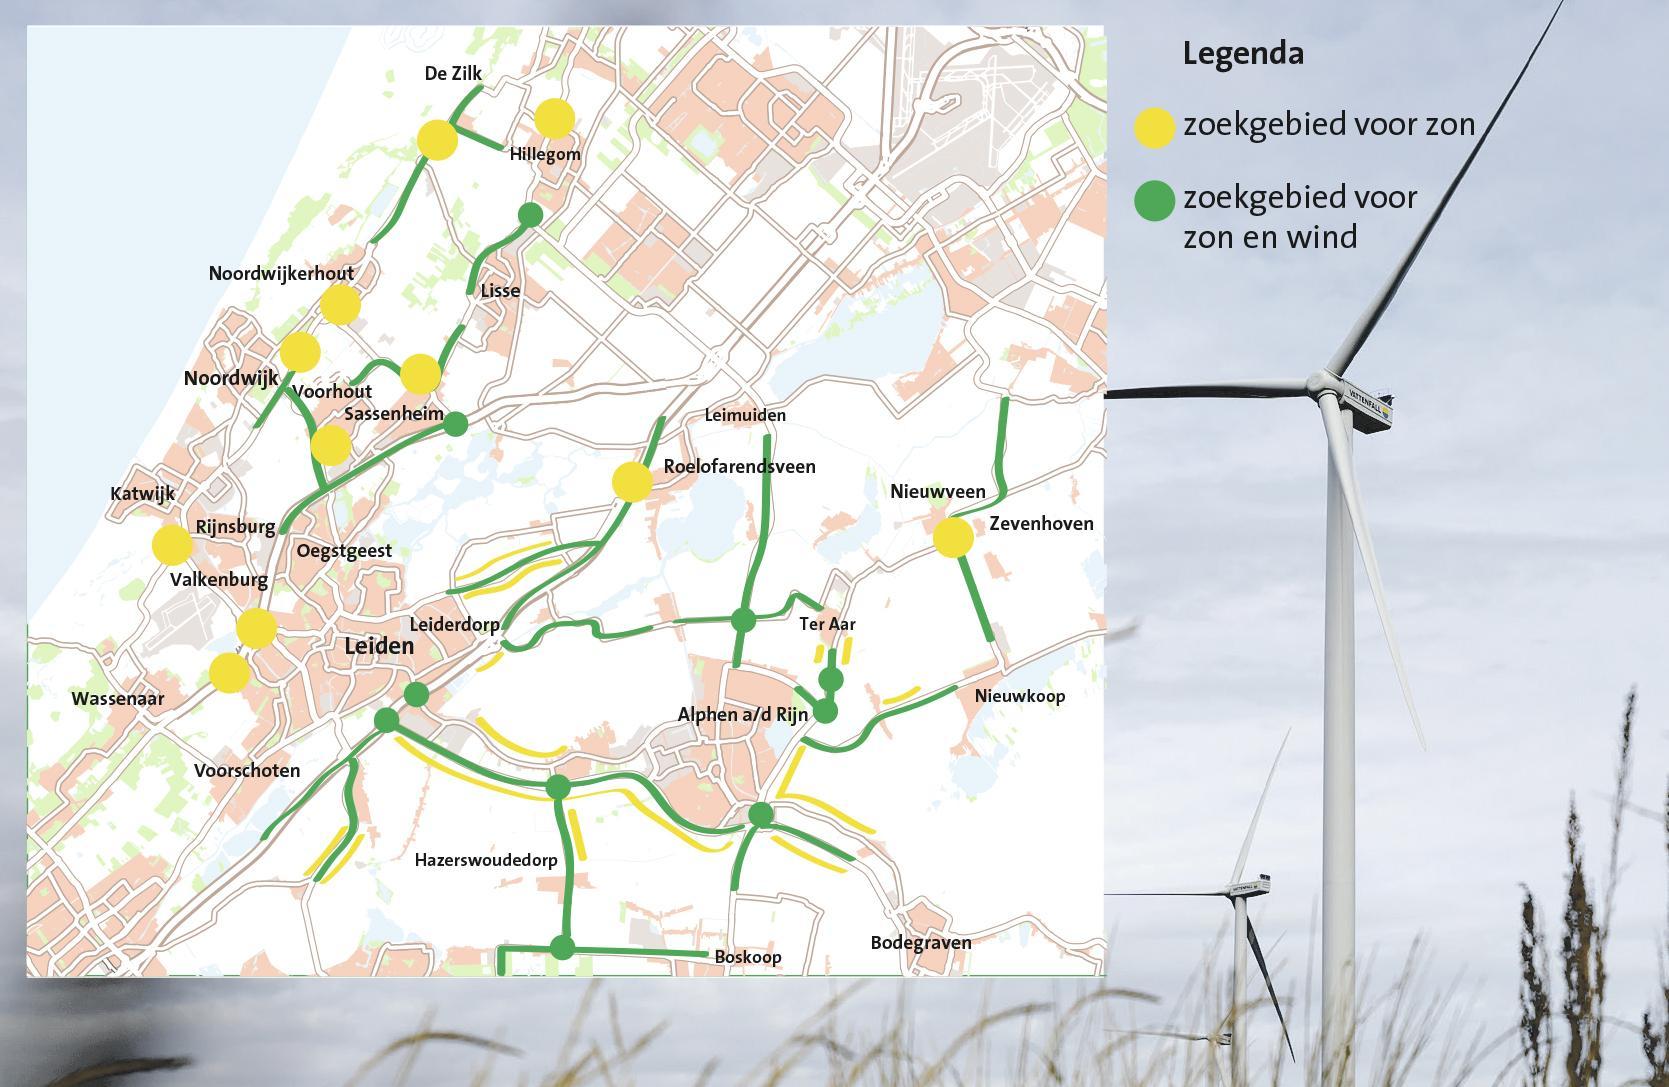 Windturbines en zonnepanelen langs wegen en bij knooppunten